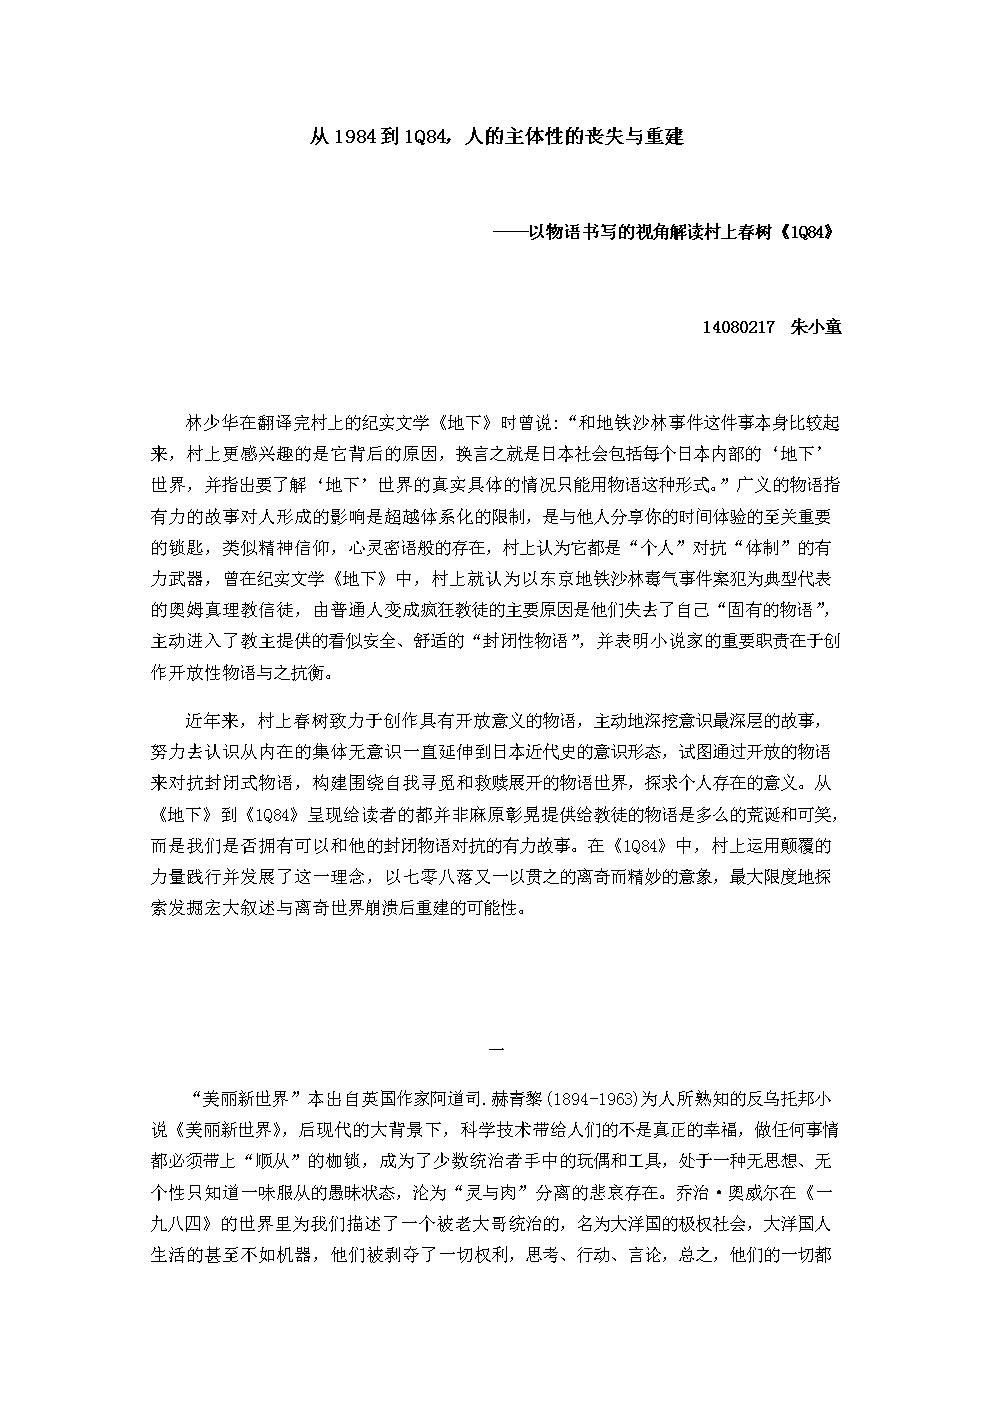 朱小童 村上春樹《1Q84》  文學評論作業.docx